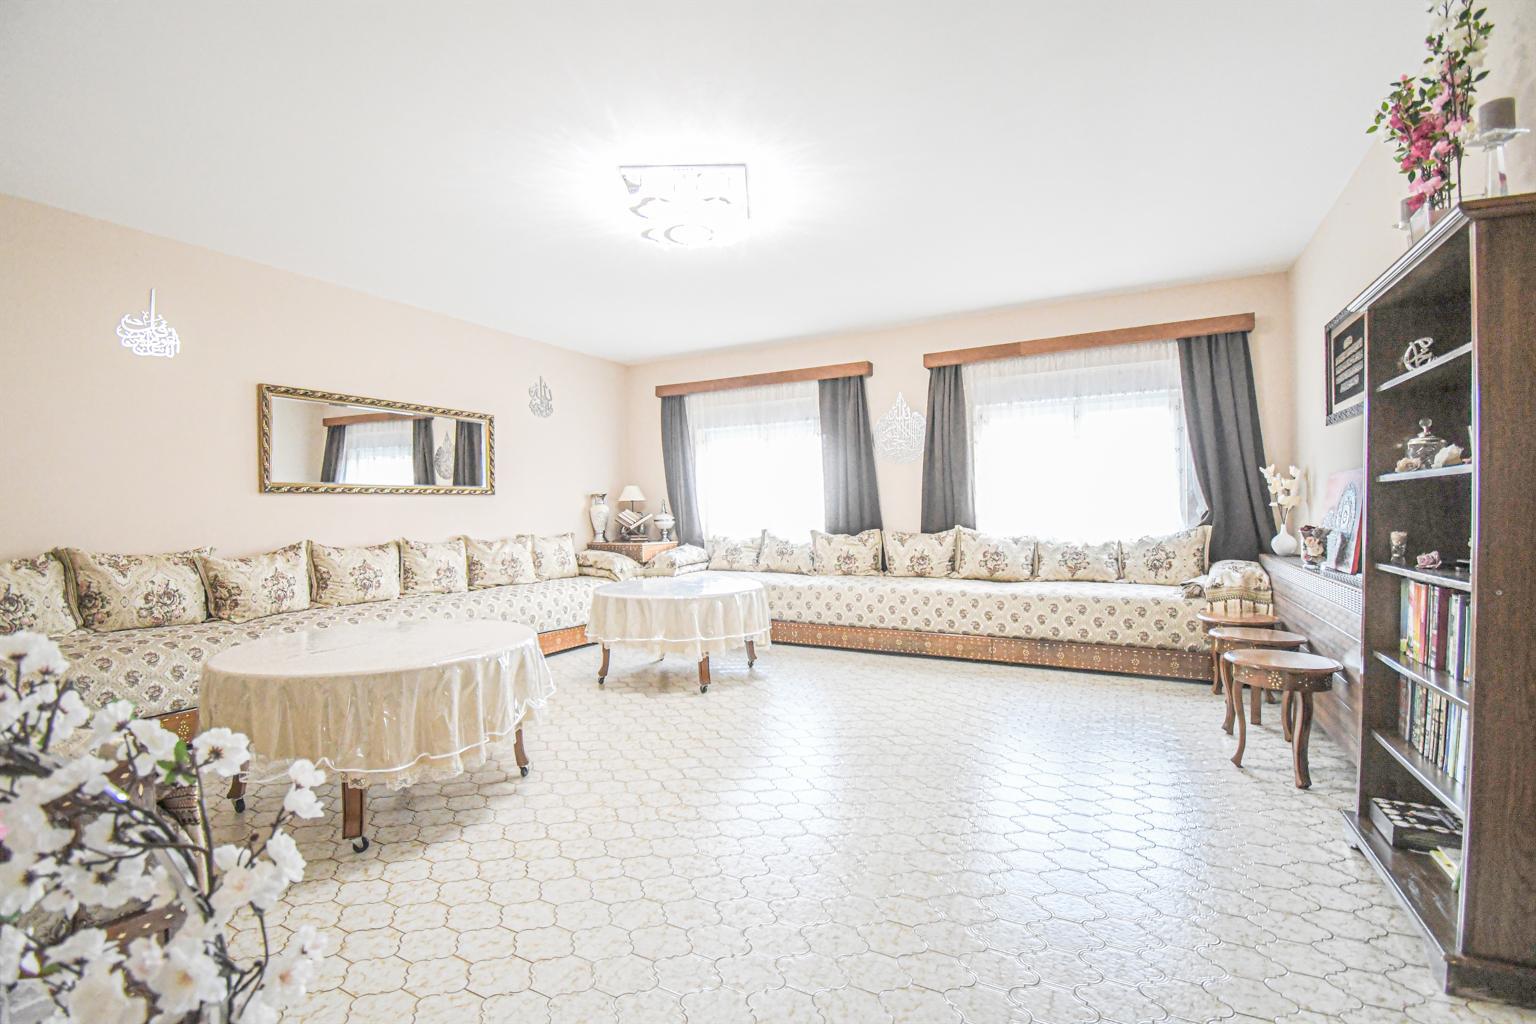 Maison unifamiliale - Tubize - #4530112-1